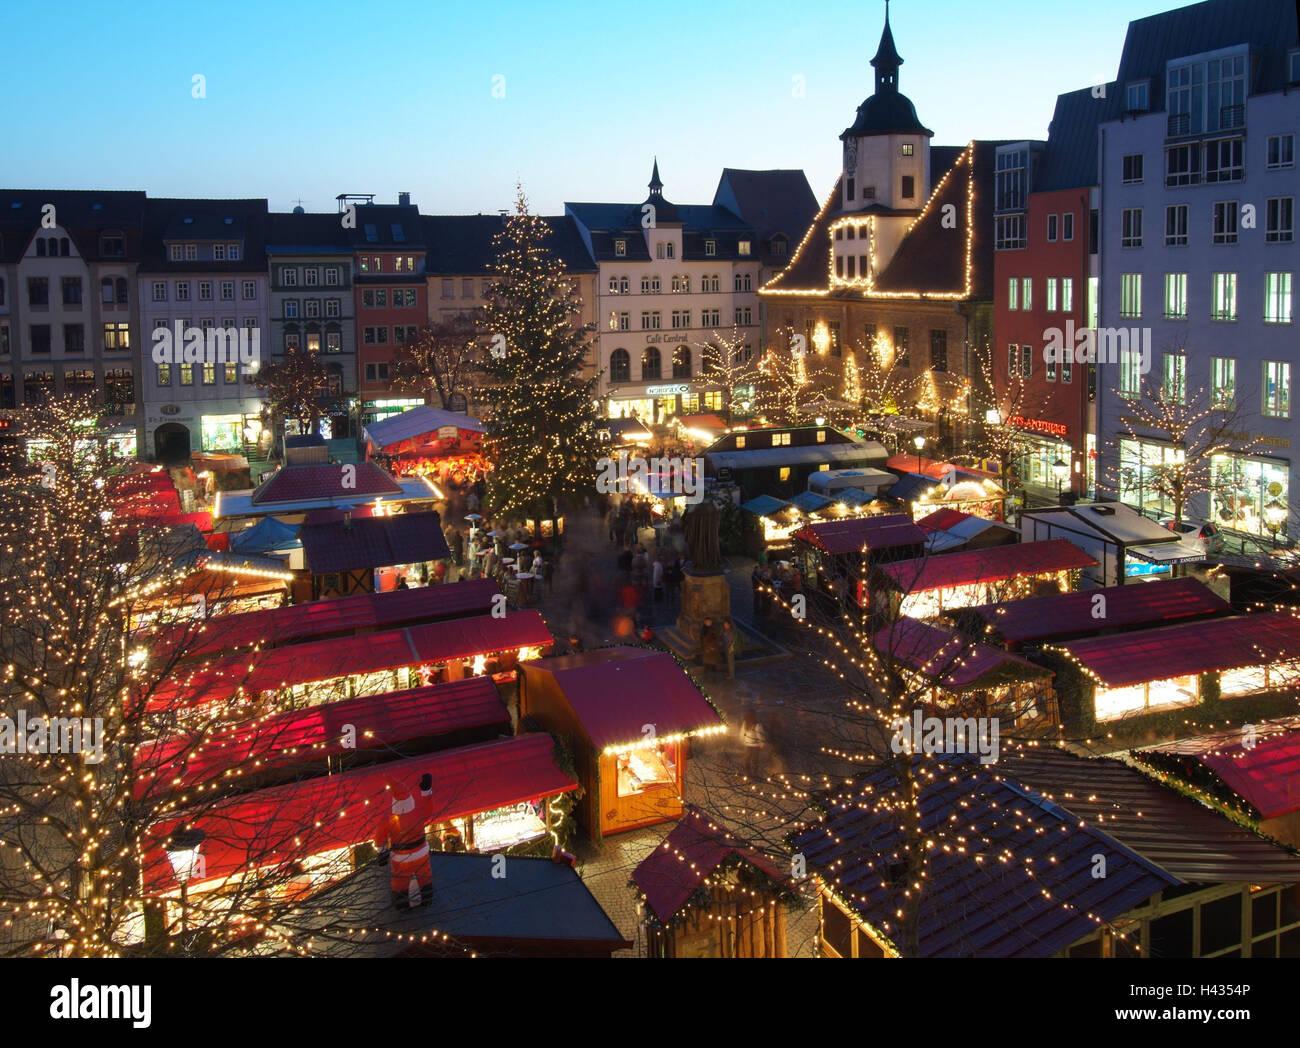 Weihnachtsmarkt übersicht.Deutschland Thüringen Jena Weihnachtsmarkt Stimmung Voll Abend